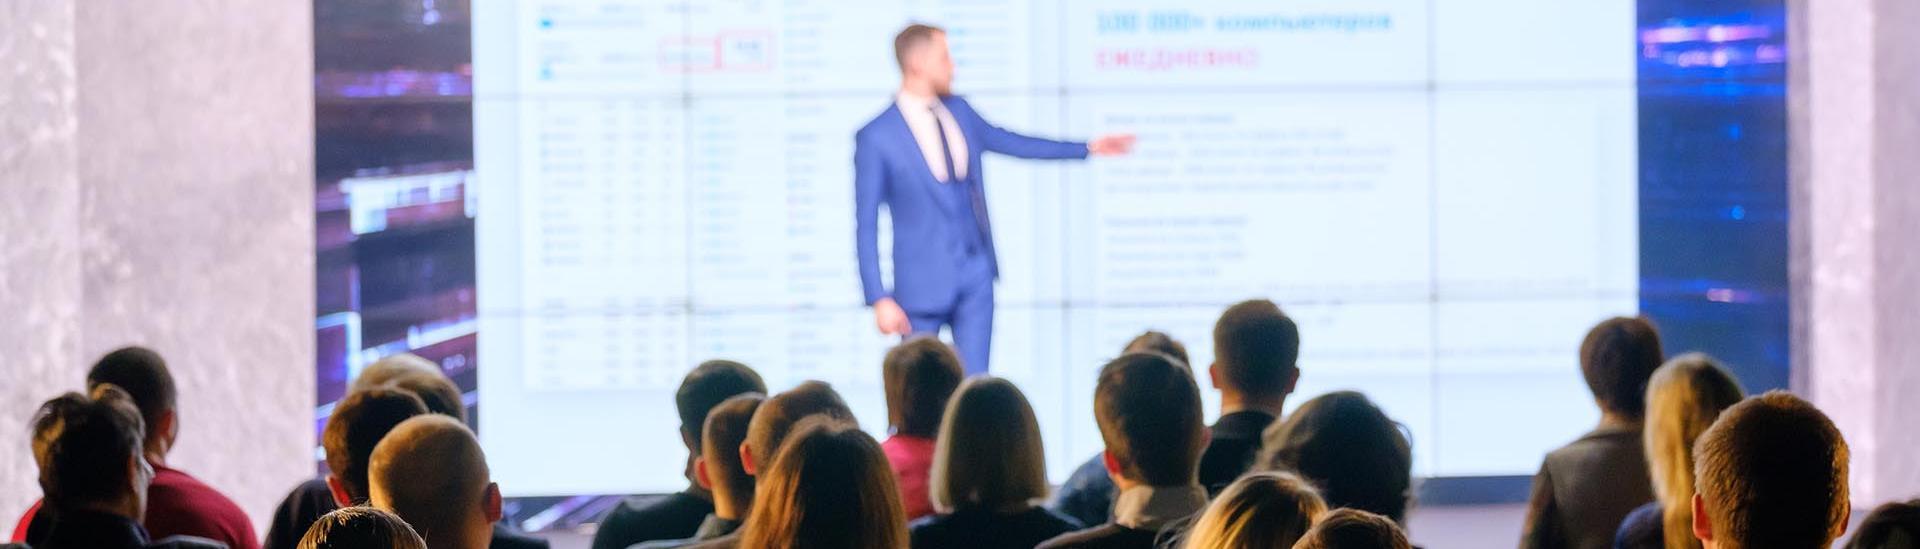 Регіональна конференція «Marketing Day»